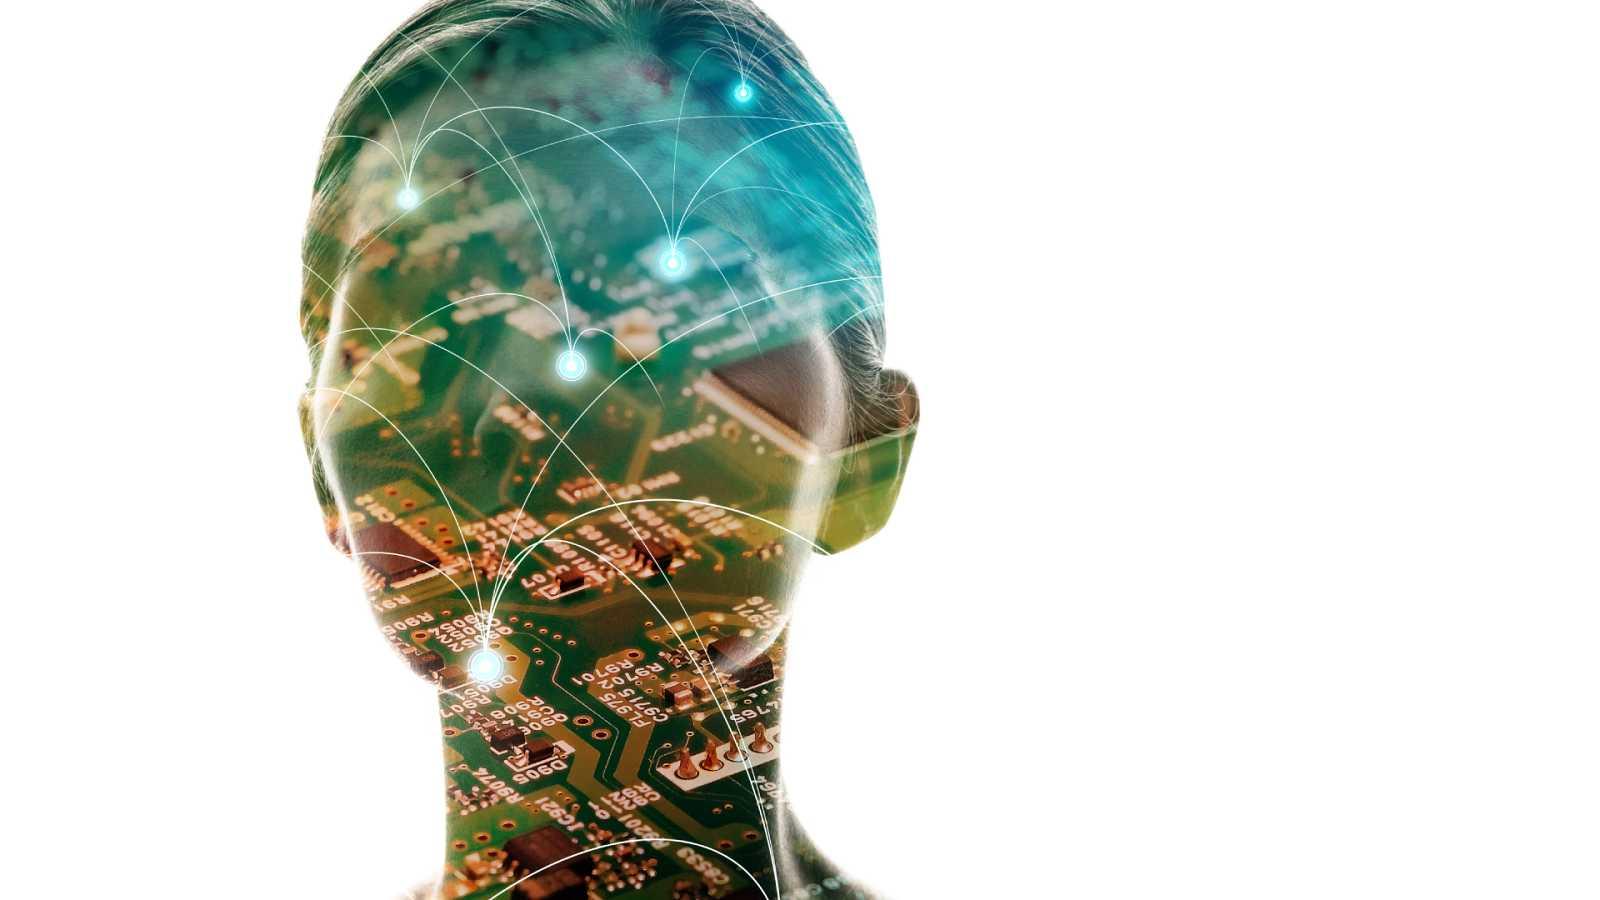 24 horas - En un lugar de la ciencia: Predicciones científicas en 2020 - Escuchar ahora